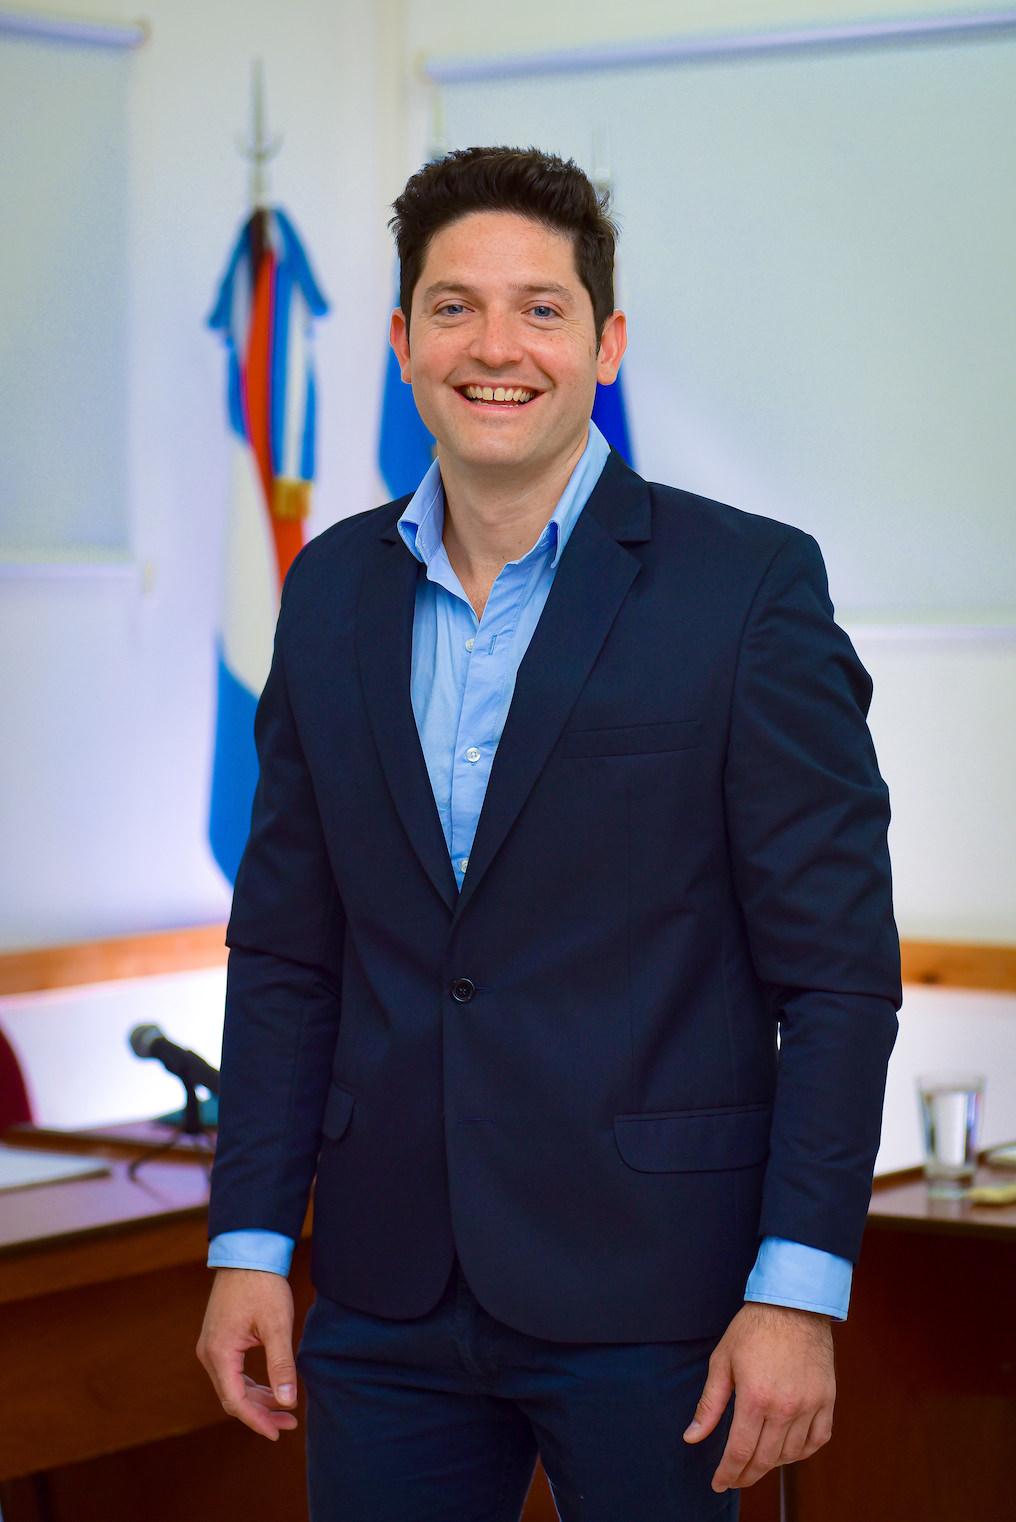 Axel Ilchischen